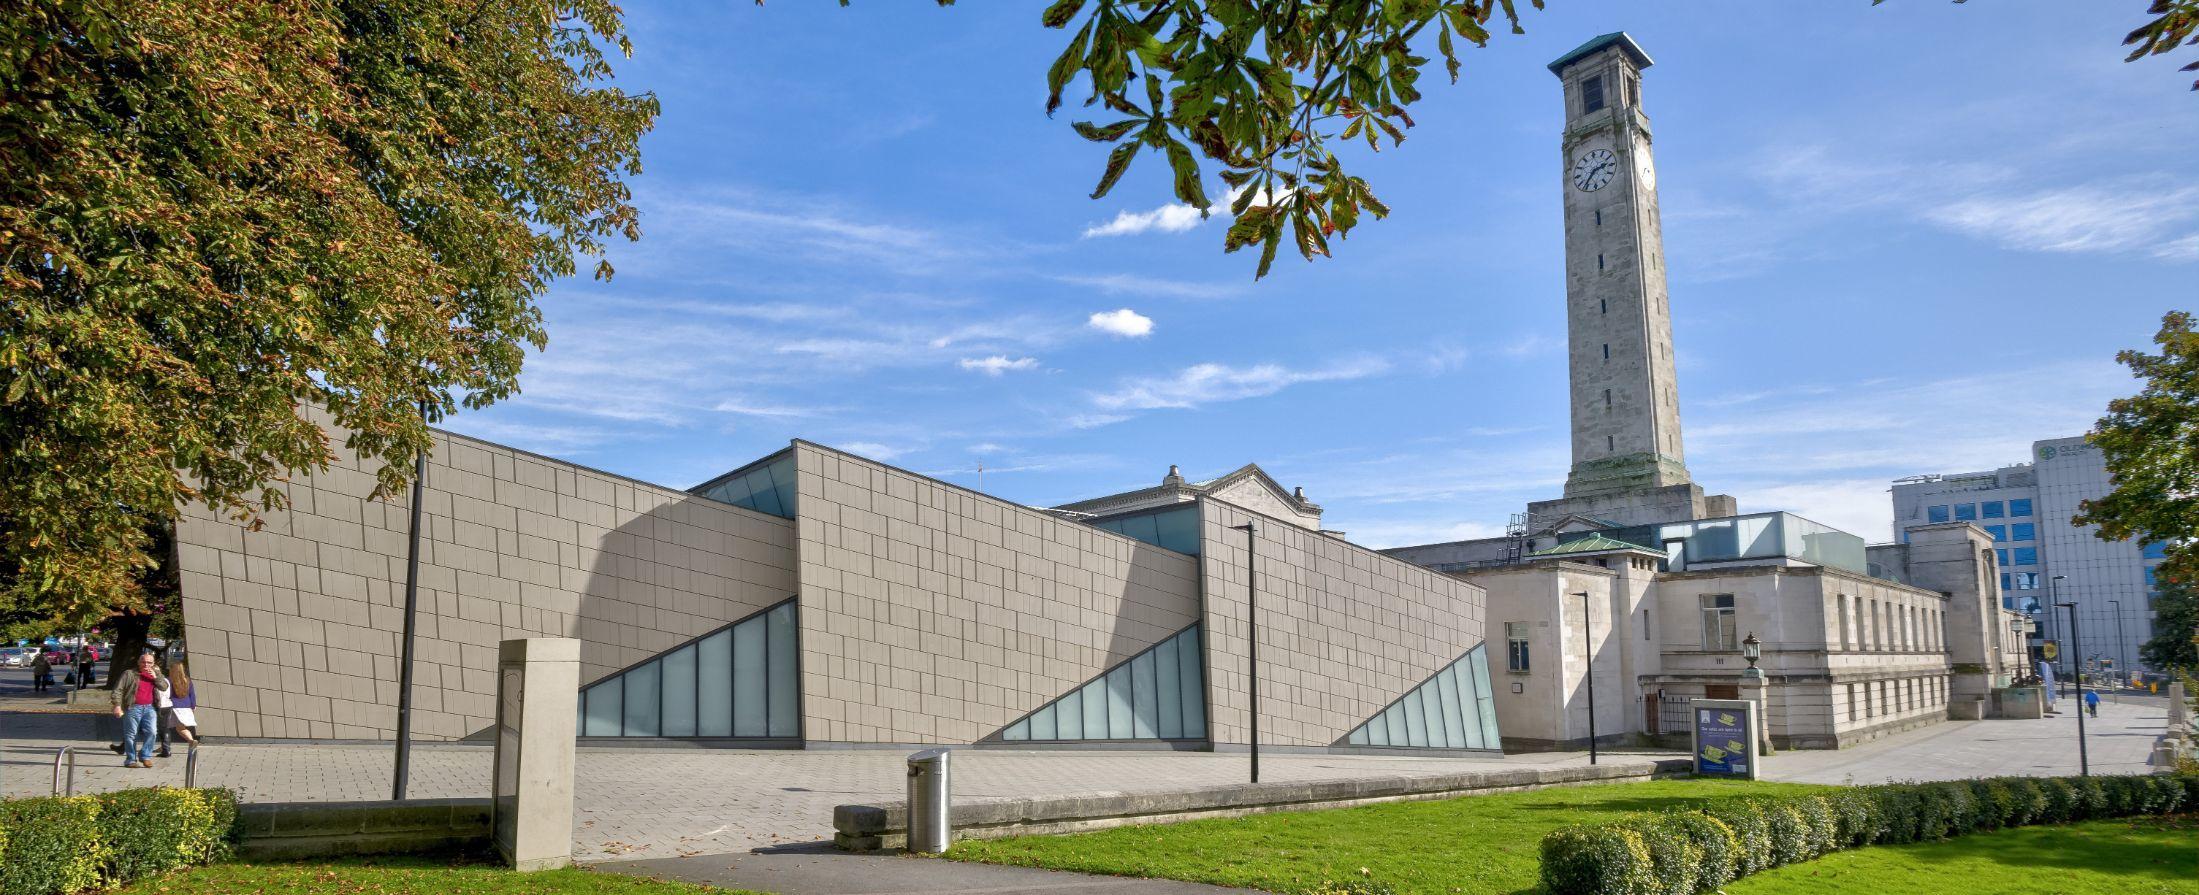 Seacity museum image